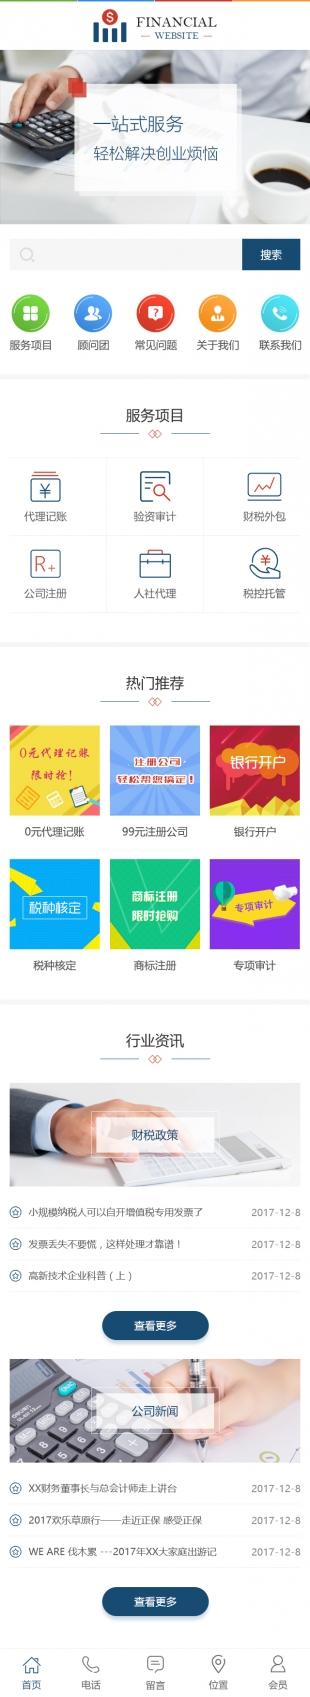 金融类网站通用模板手机图片